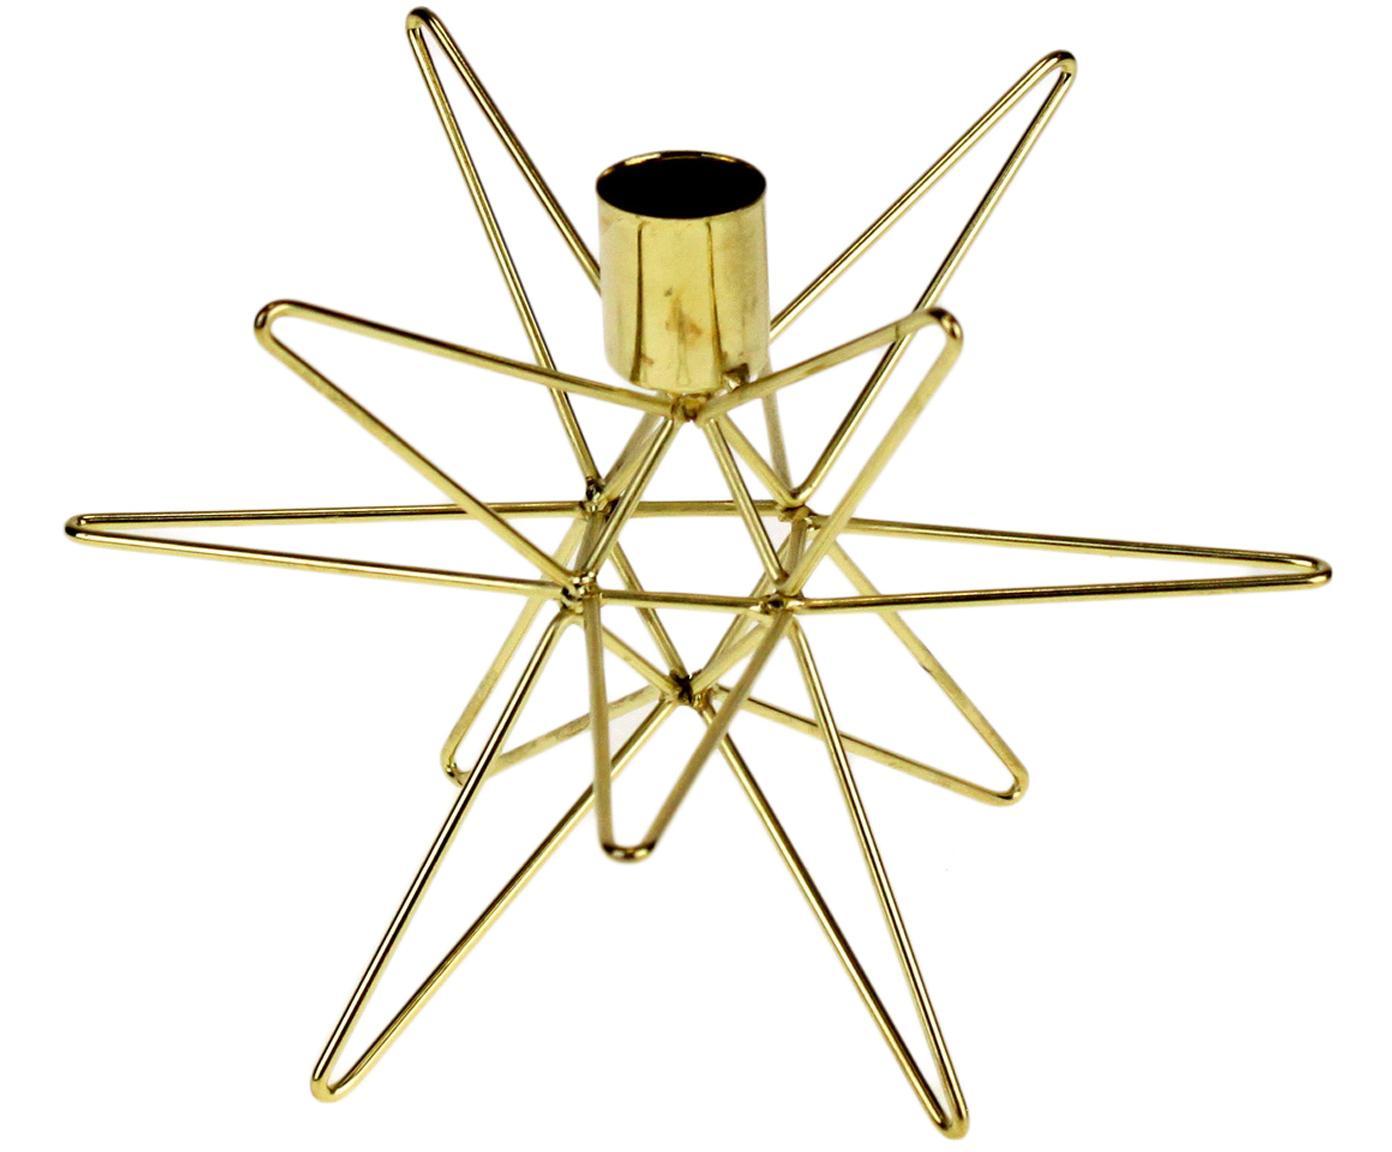 Kandelaar Cosma, Gelakt metaal, Messingkleurig, Ø 19 x H 12 cm